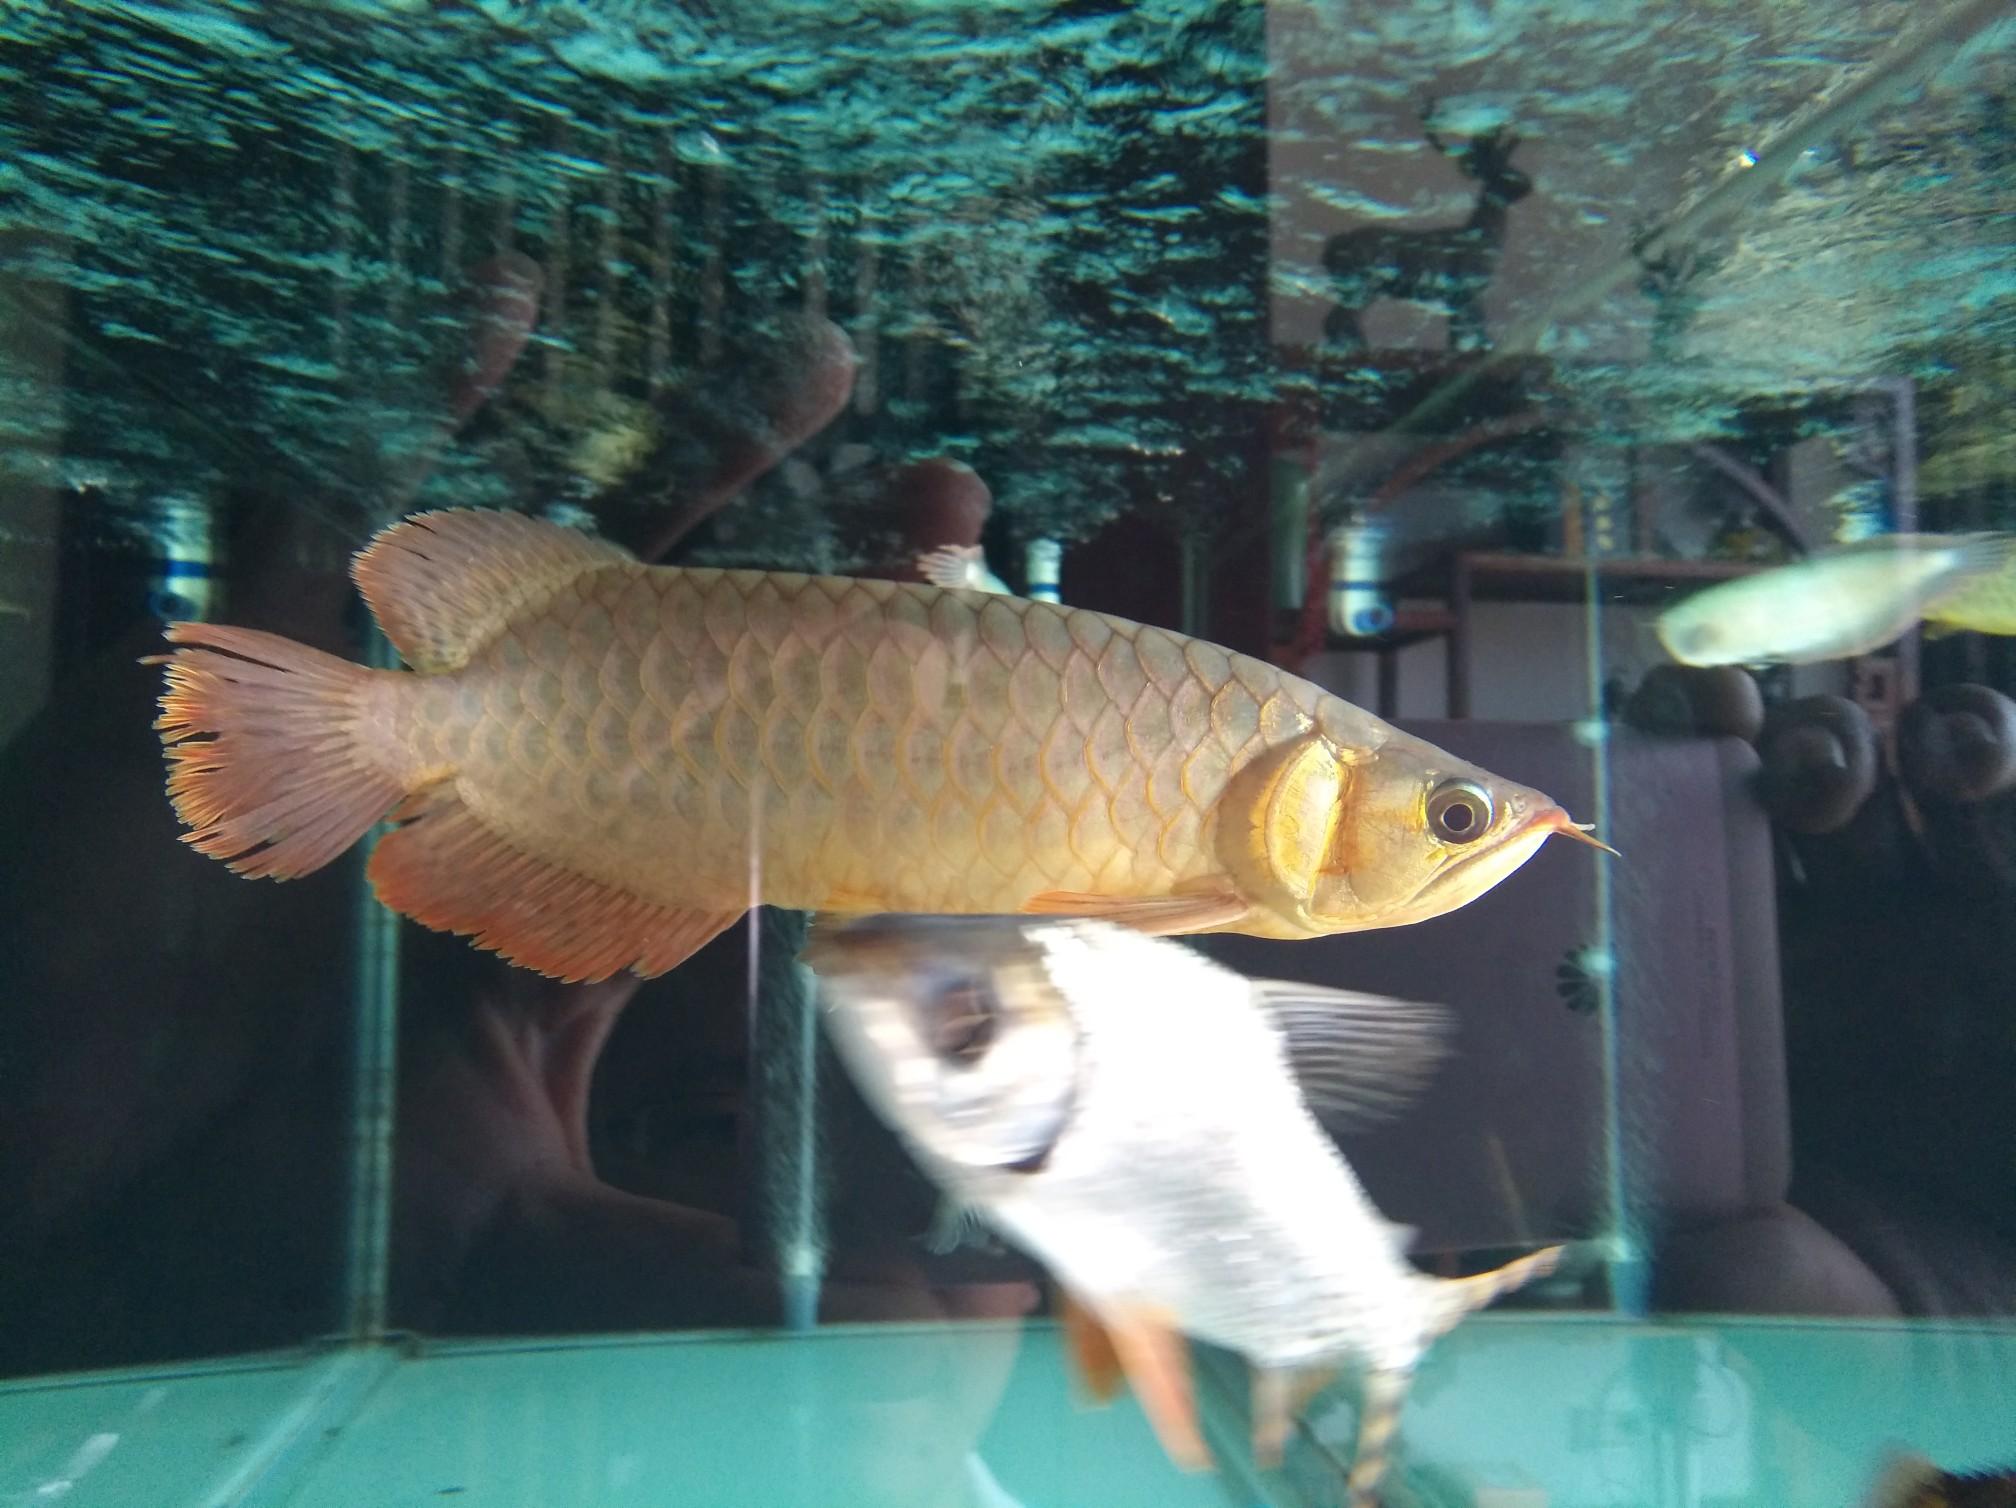 【西安黑桃A鱼】自然光透缸努力发色中 西安观赏鱼信息 西安博特第5张